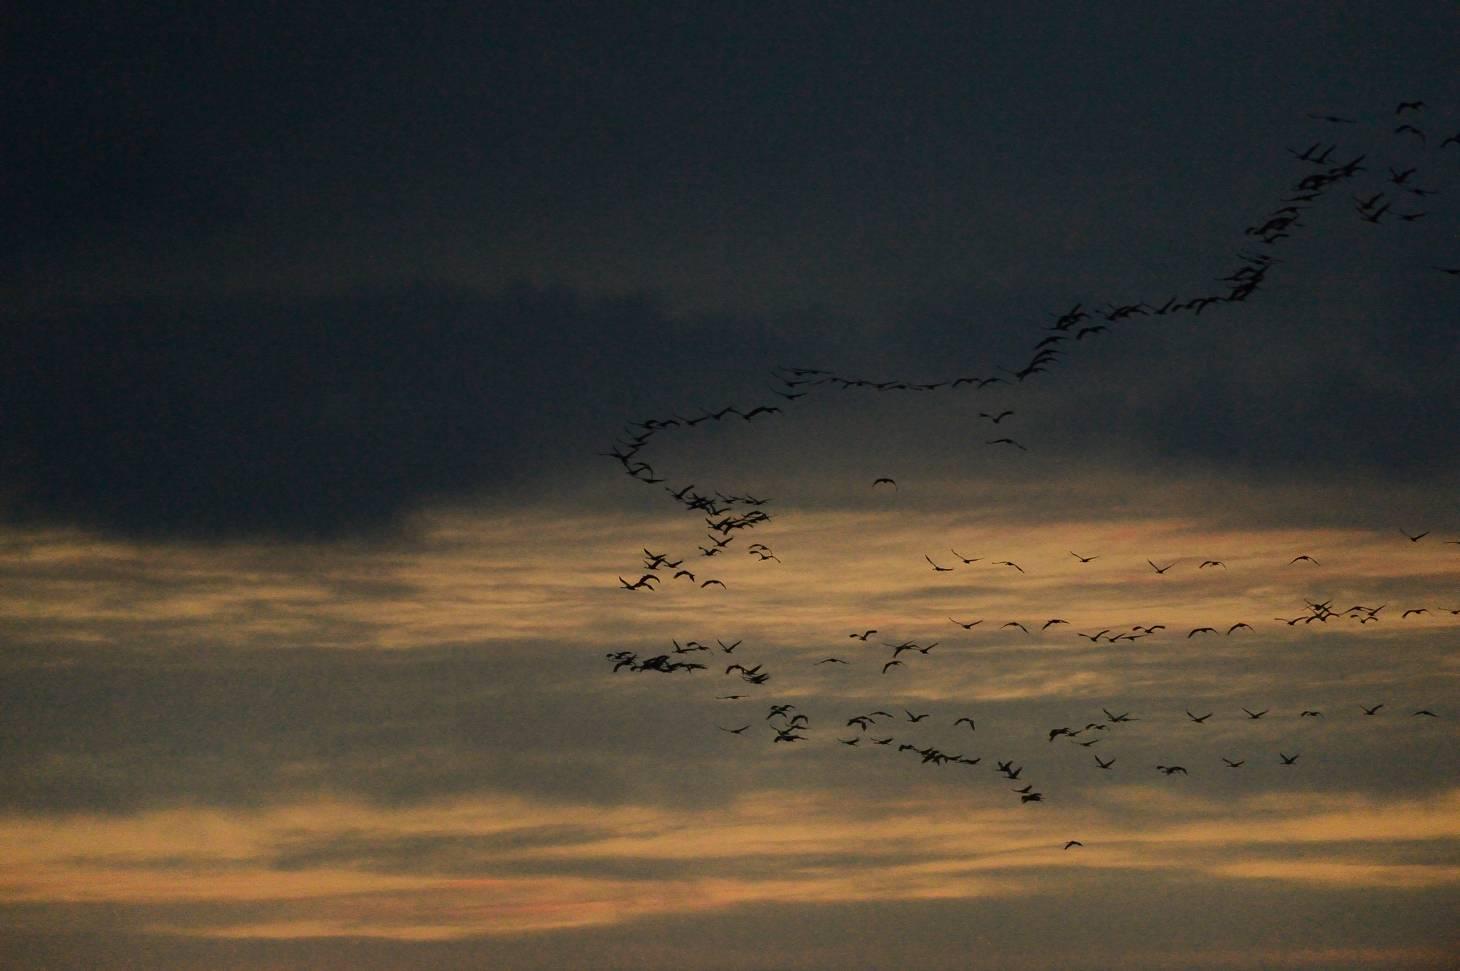 Grues - Cranes